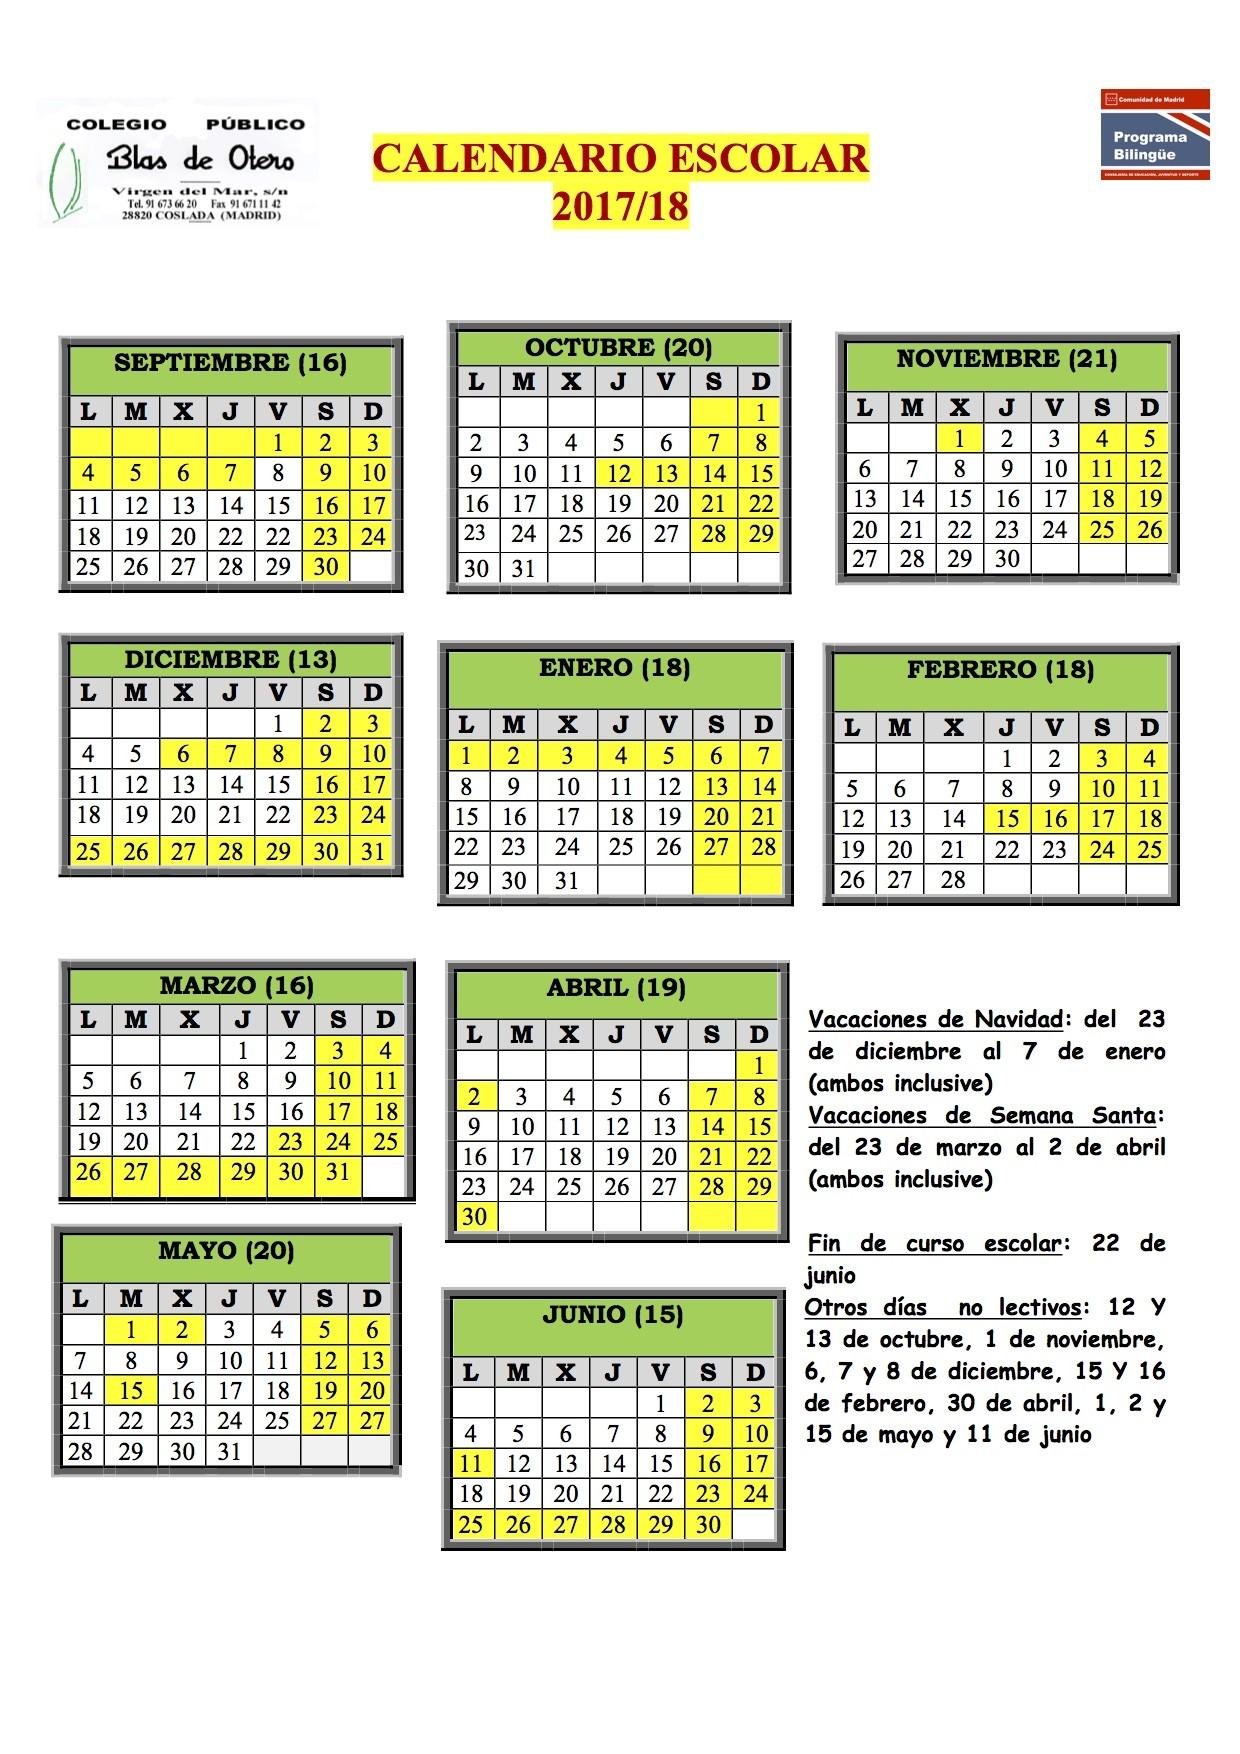 Calendario Laboral Escolar 2019 Más Caliente Calendario Escolar 2017 2018 – Cp Blas De Otero Of Calendario Laboral Escolar 2019 Más Recientes ▷ 📆 Calendario Febrero 2019 Calendario 2019